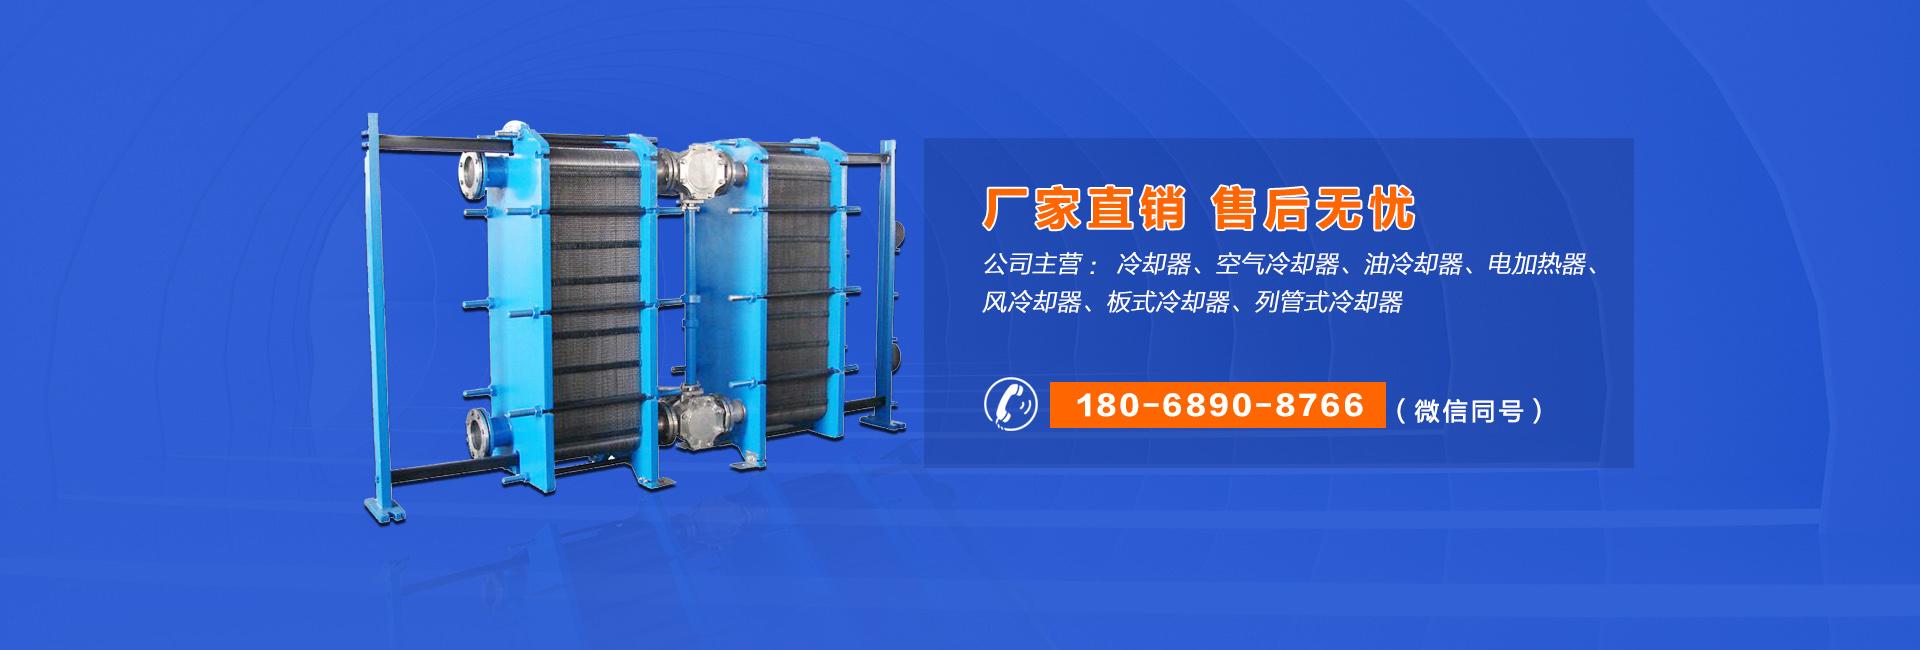 板殼式換熱器,板式換熱器設備 ,不銹鋼板式換熱器